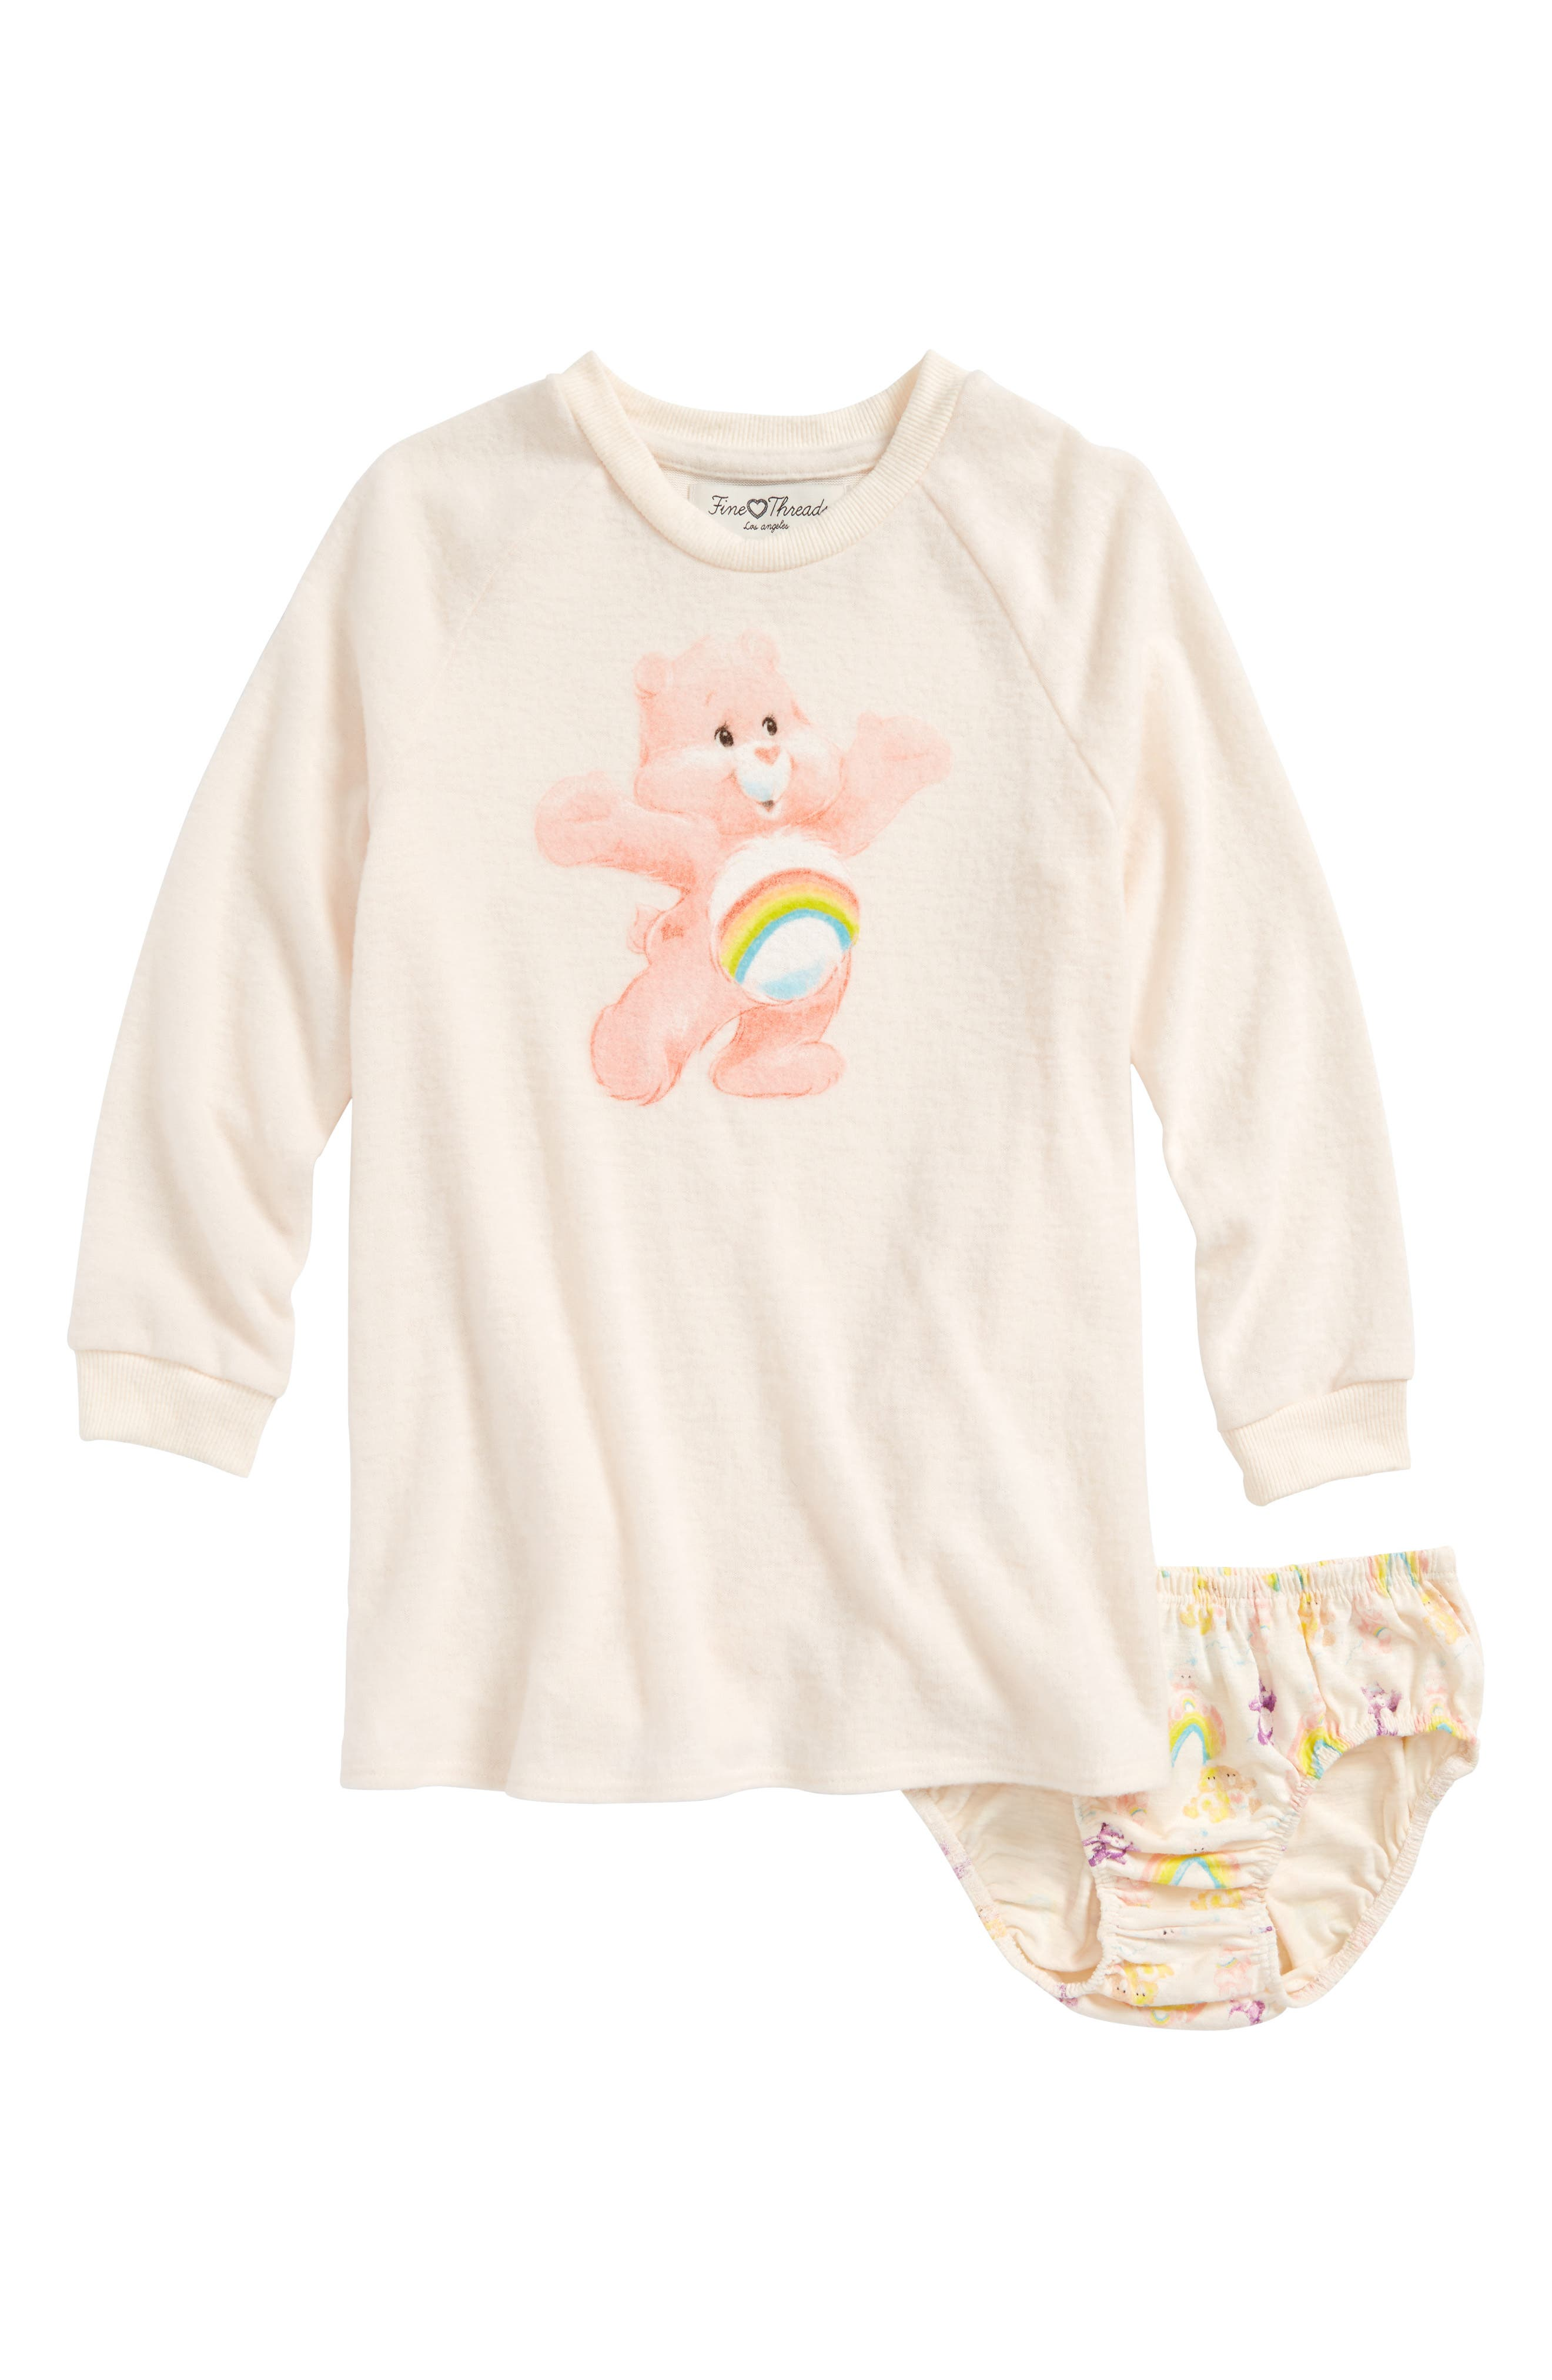 Alternate Image 1 Selected - Care Bears™ by Fine Threads Cheer Bear Dress (Toddler Girls & Little Girls)